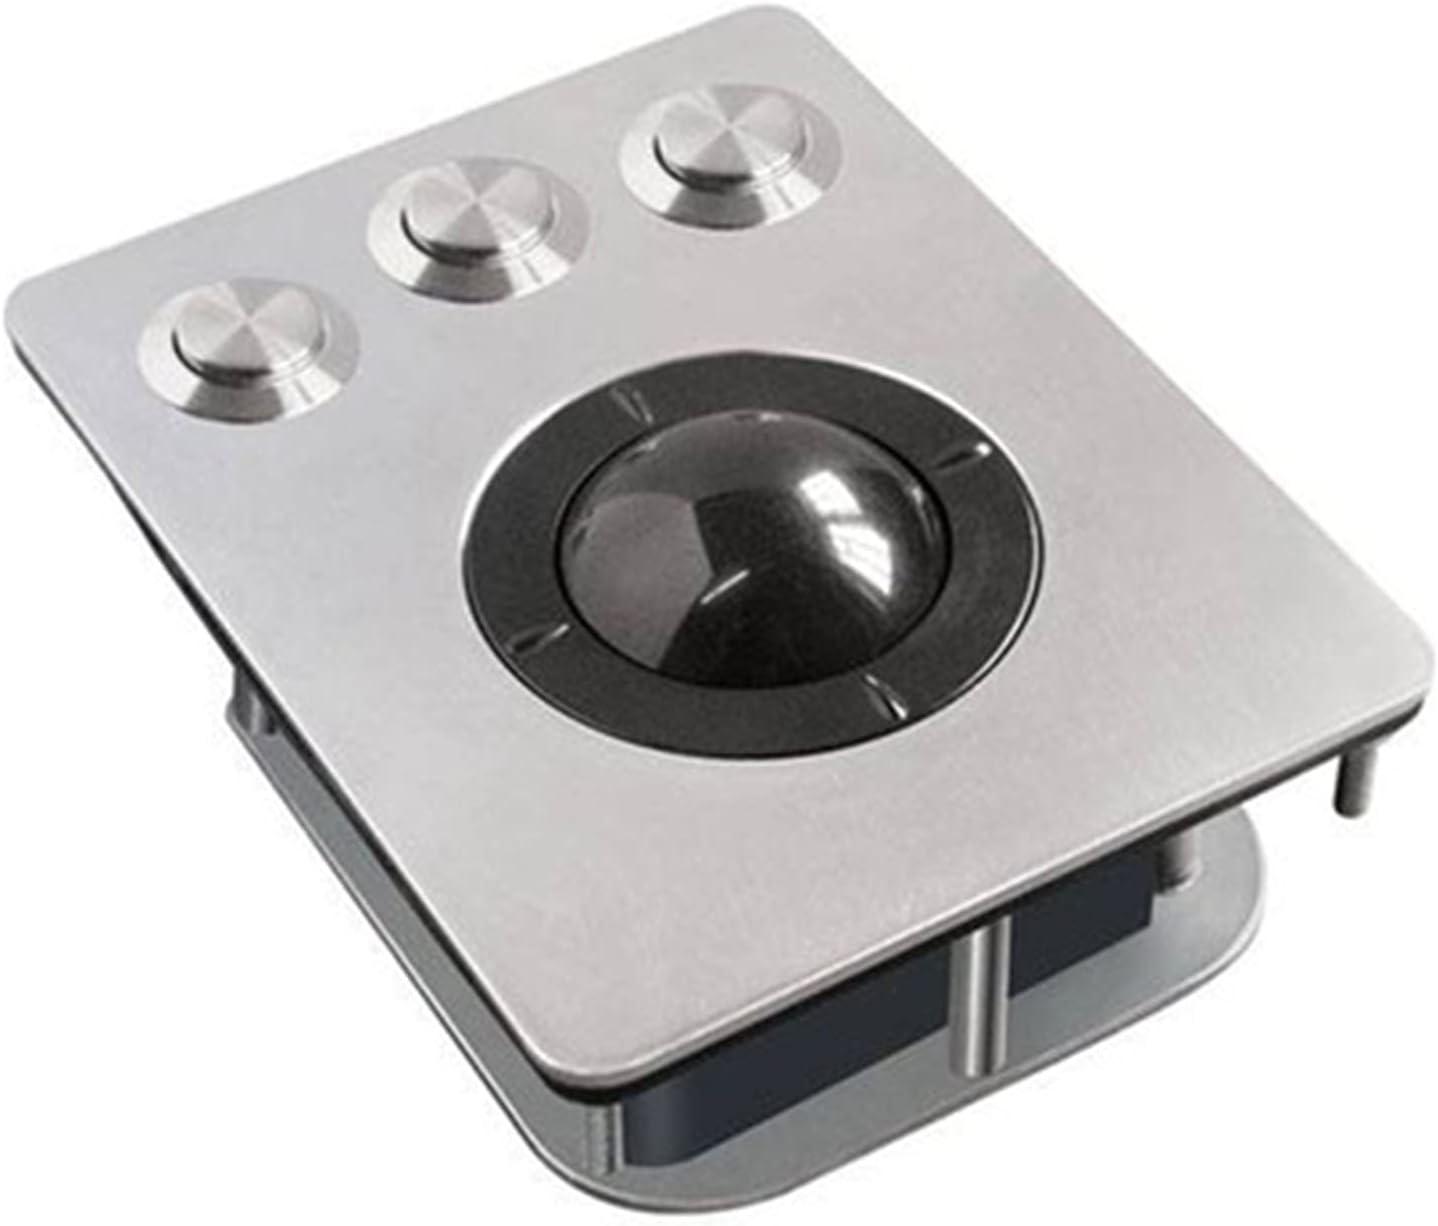 Ratones Ratón Gaming Pc para Portatil Mouse con Cable USB Trackballs Metal Acero Inoxidable Mecánico Industria A Prueba de Explosiones 5 Botones 1000 PPP